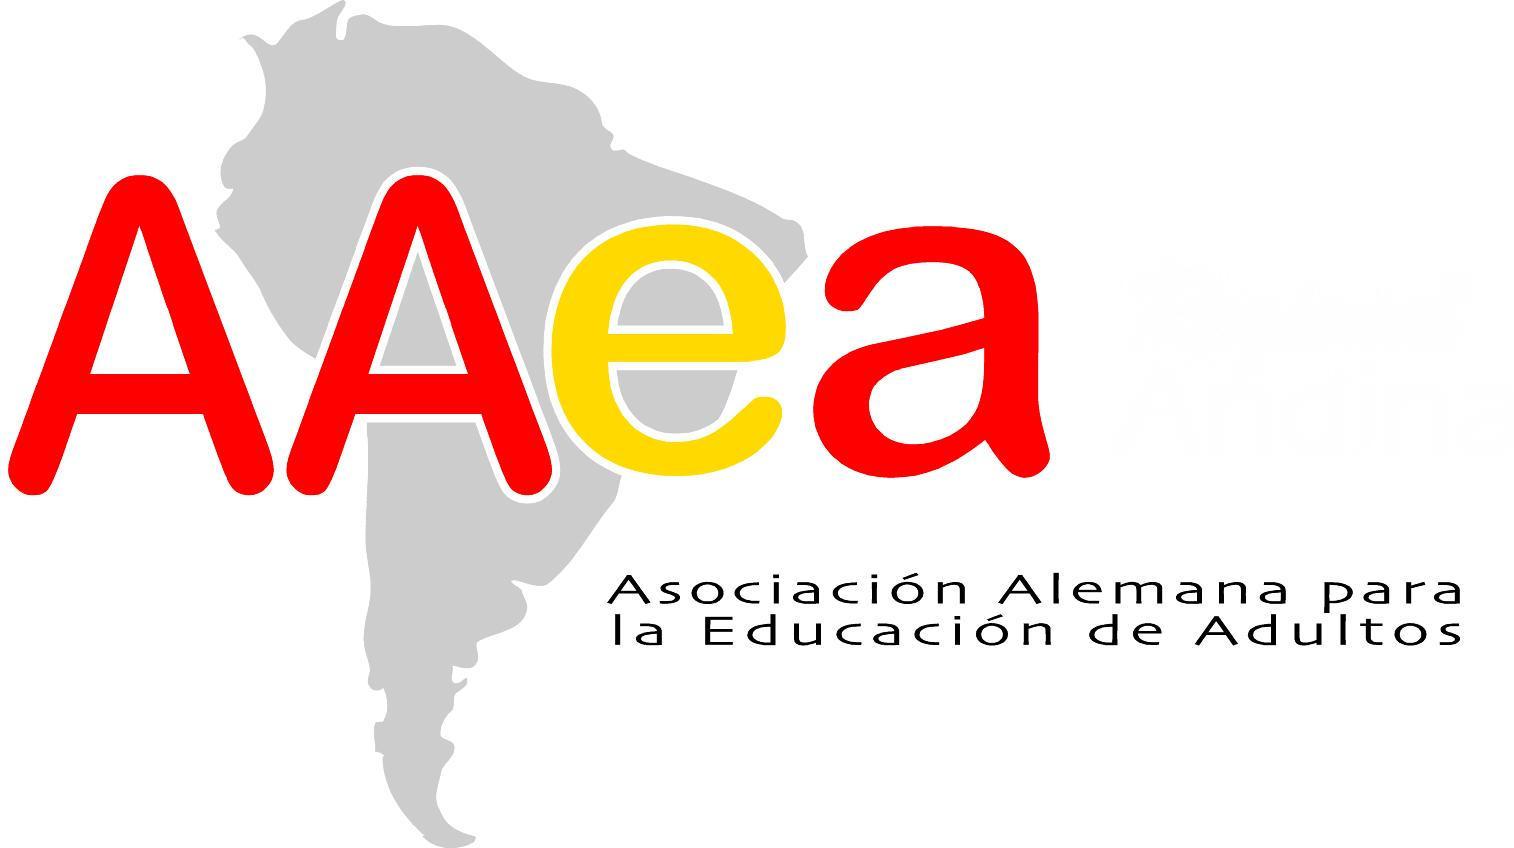 Asociación Alemana para la Educación de Adultos (AAEA)